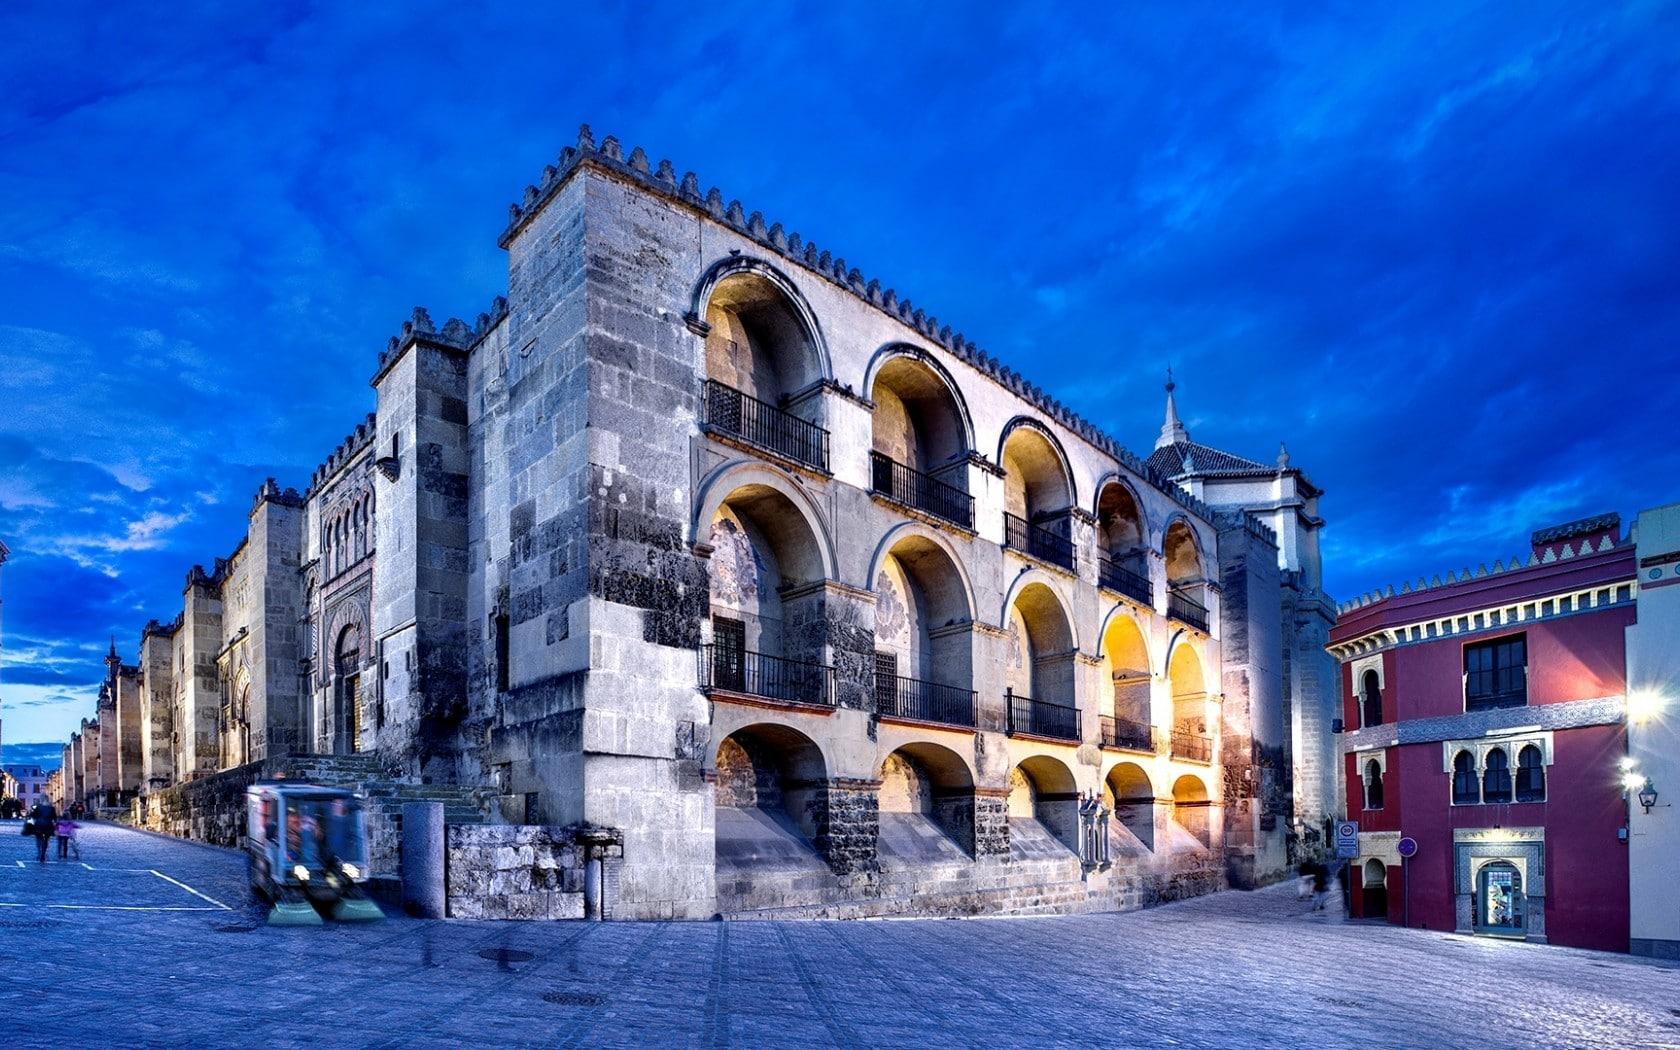 Orașul Vechi este alcătuit din numeroase clădiri interesante